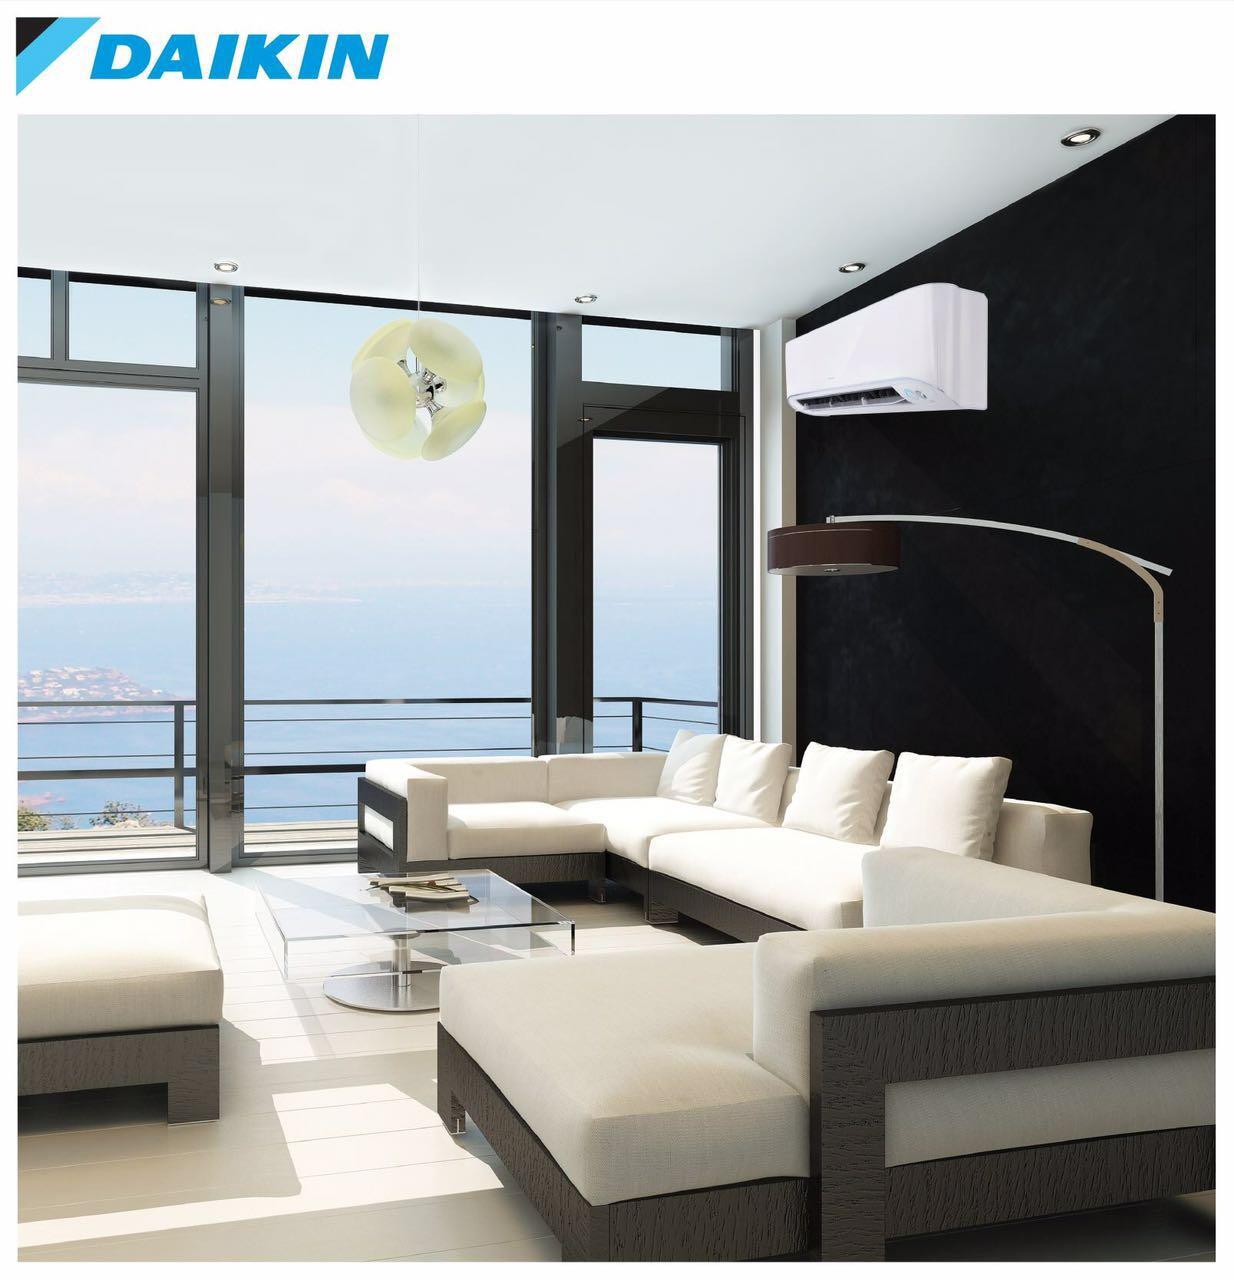 daikin002